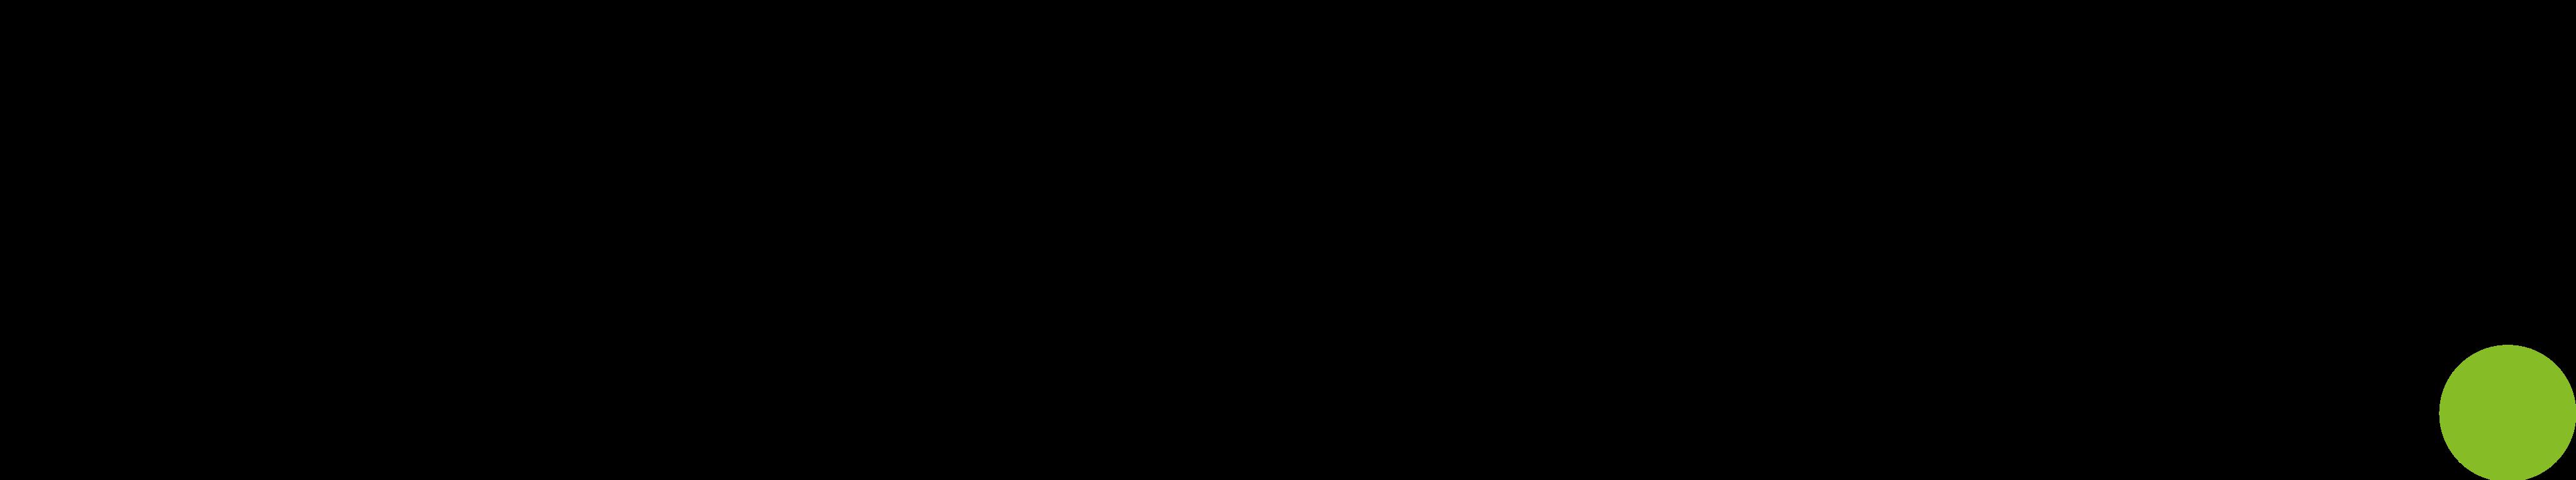 deloitte logo - Deloitte Logo